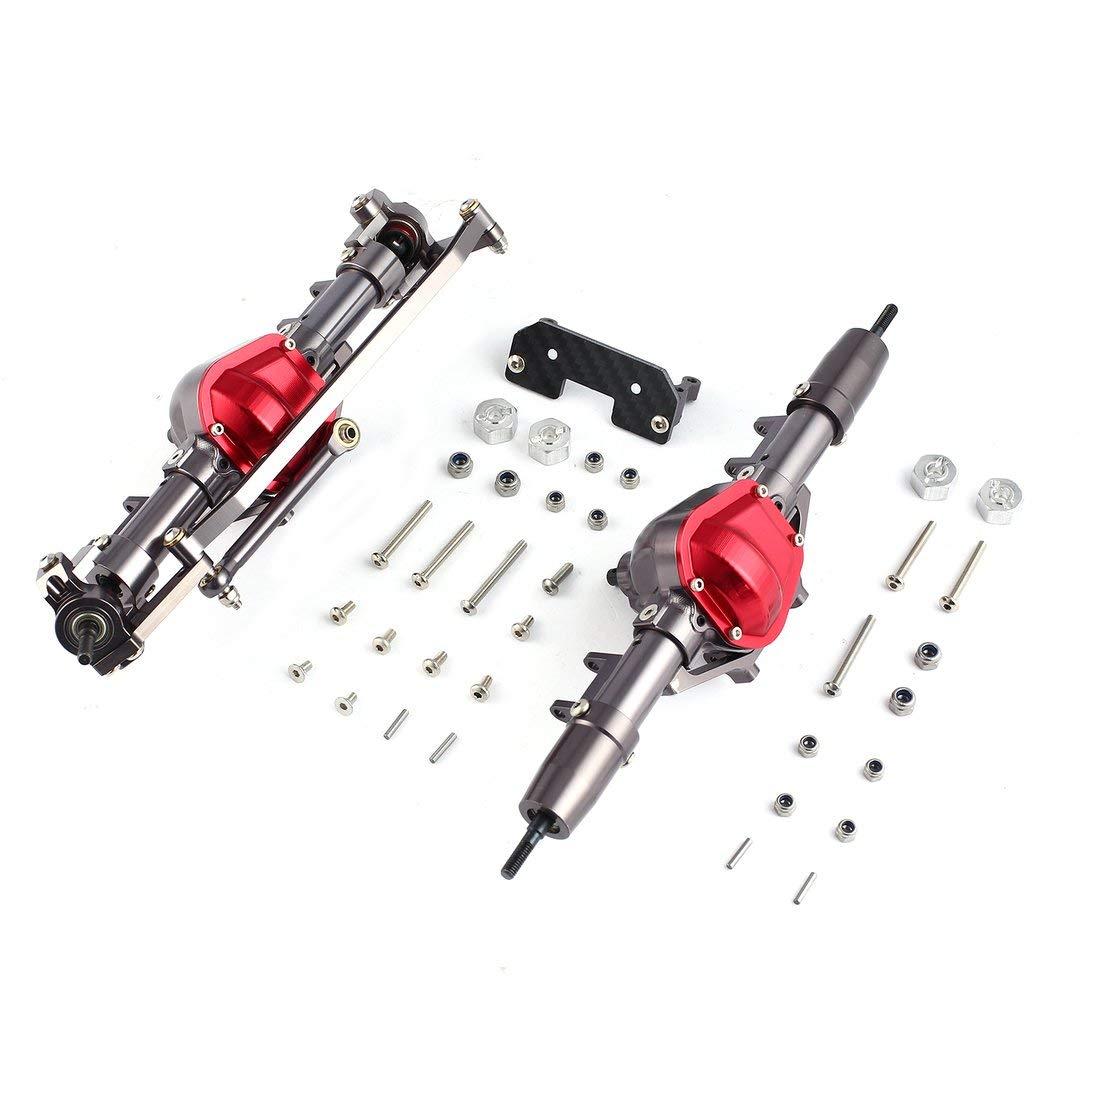 Metalllegierung Vorderachse Hinterachse Kit Zubehör Combo Ersatzteile Komponente für 1/10 D90 RC4WD Yota II RC Auto Crawler Formulaone